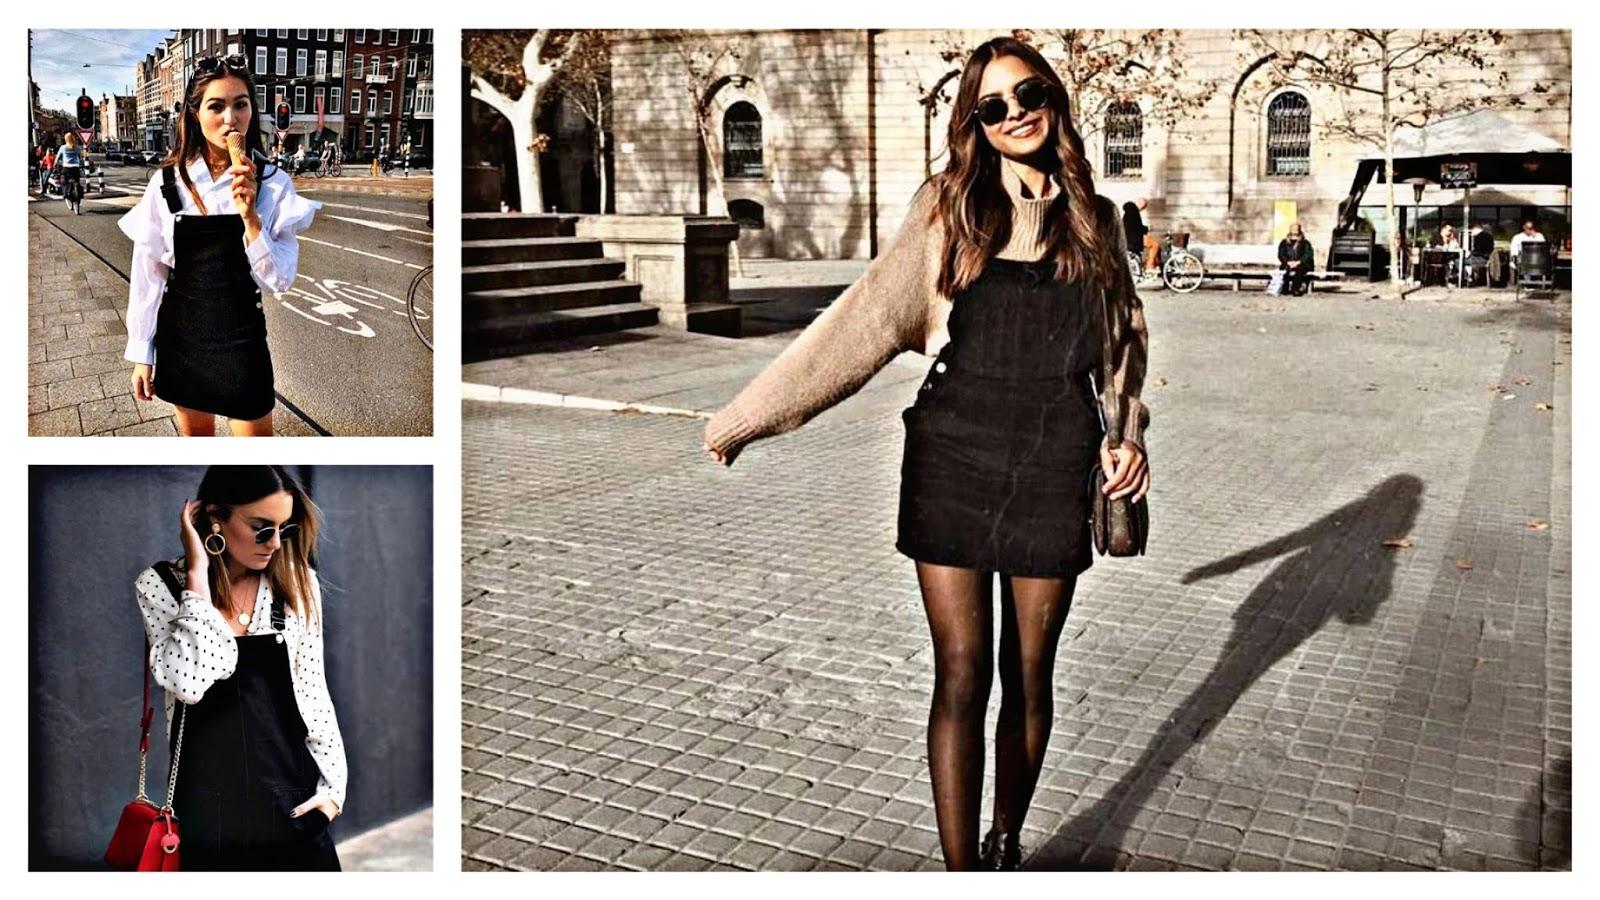 Pichi tendencia moda 2020